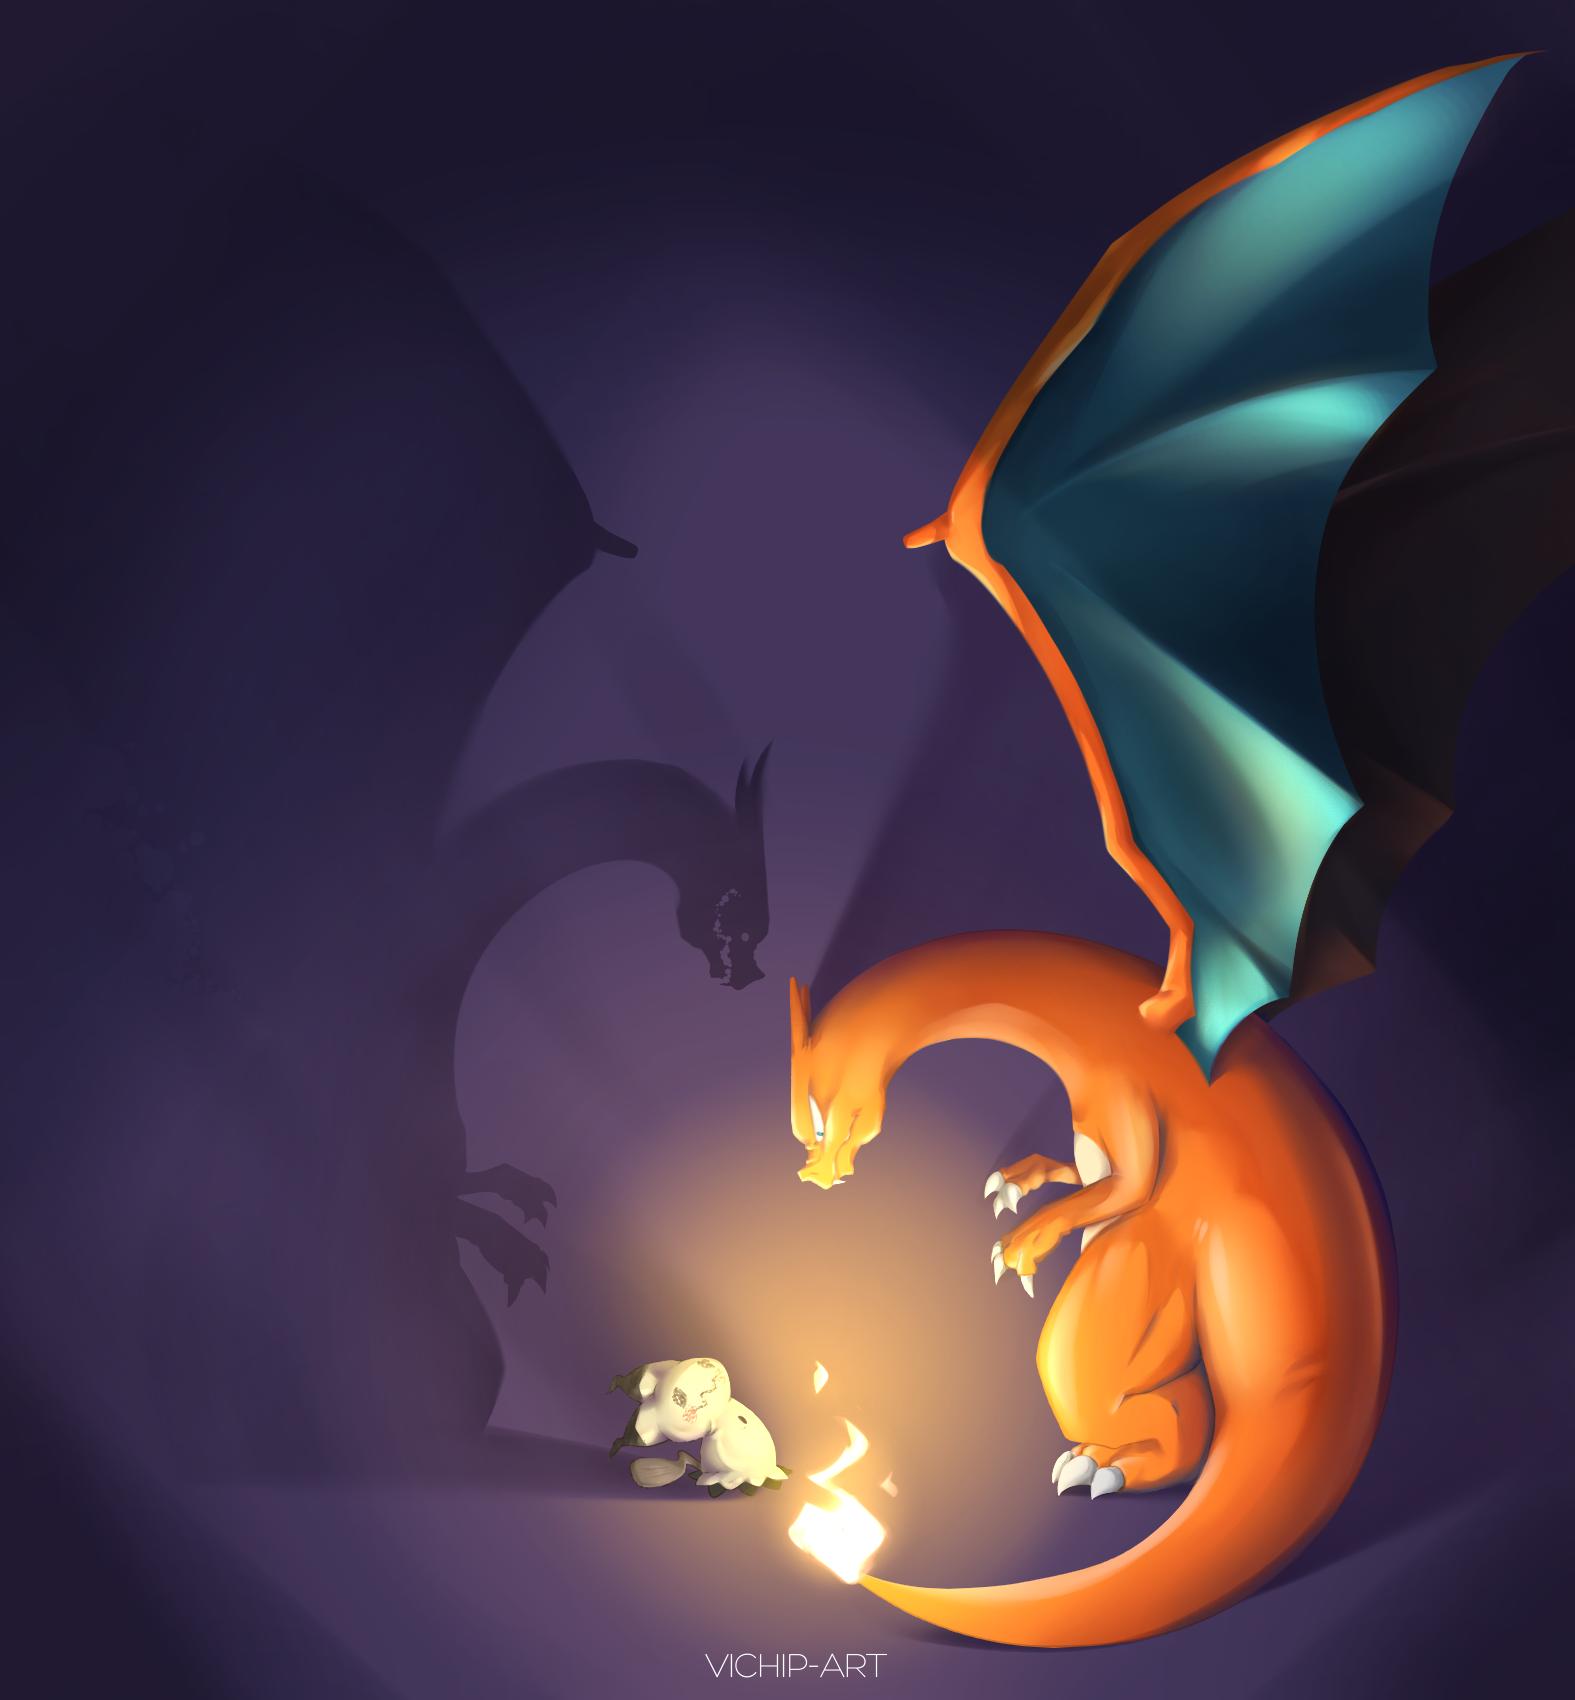 Pokemon: Mimic You by Vichip-Art